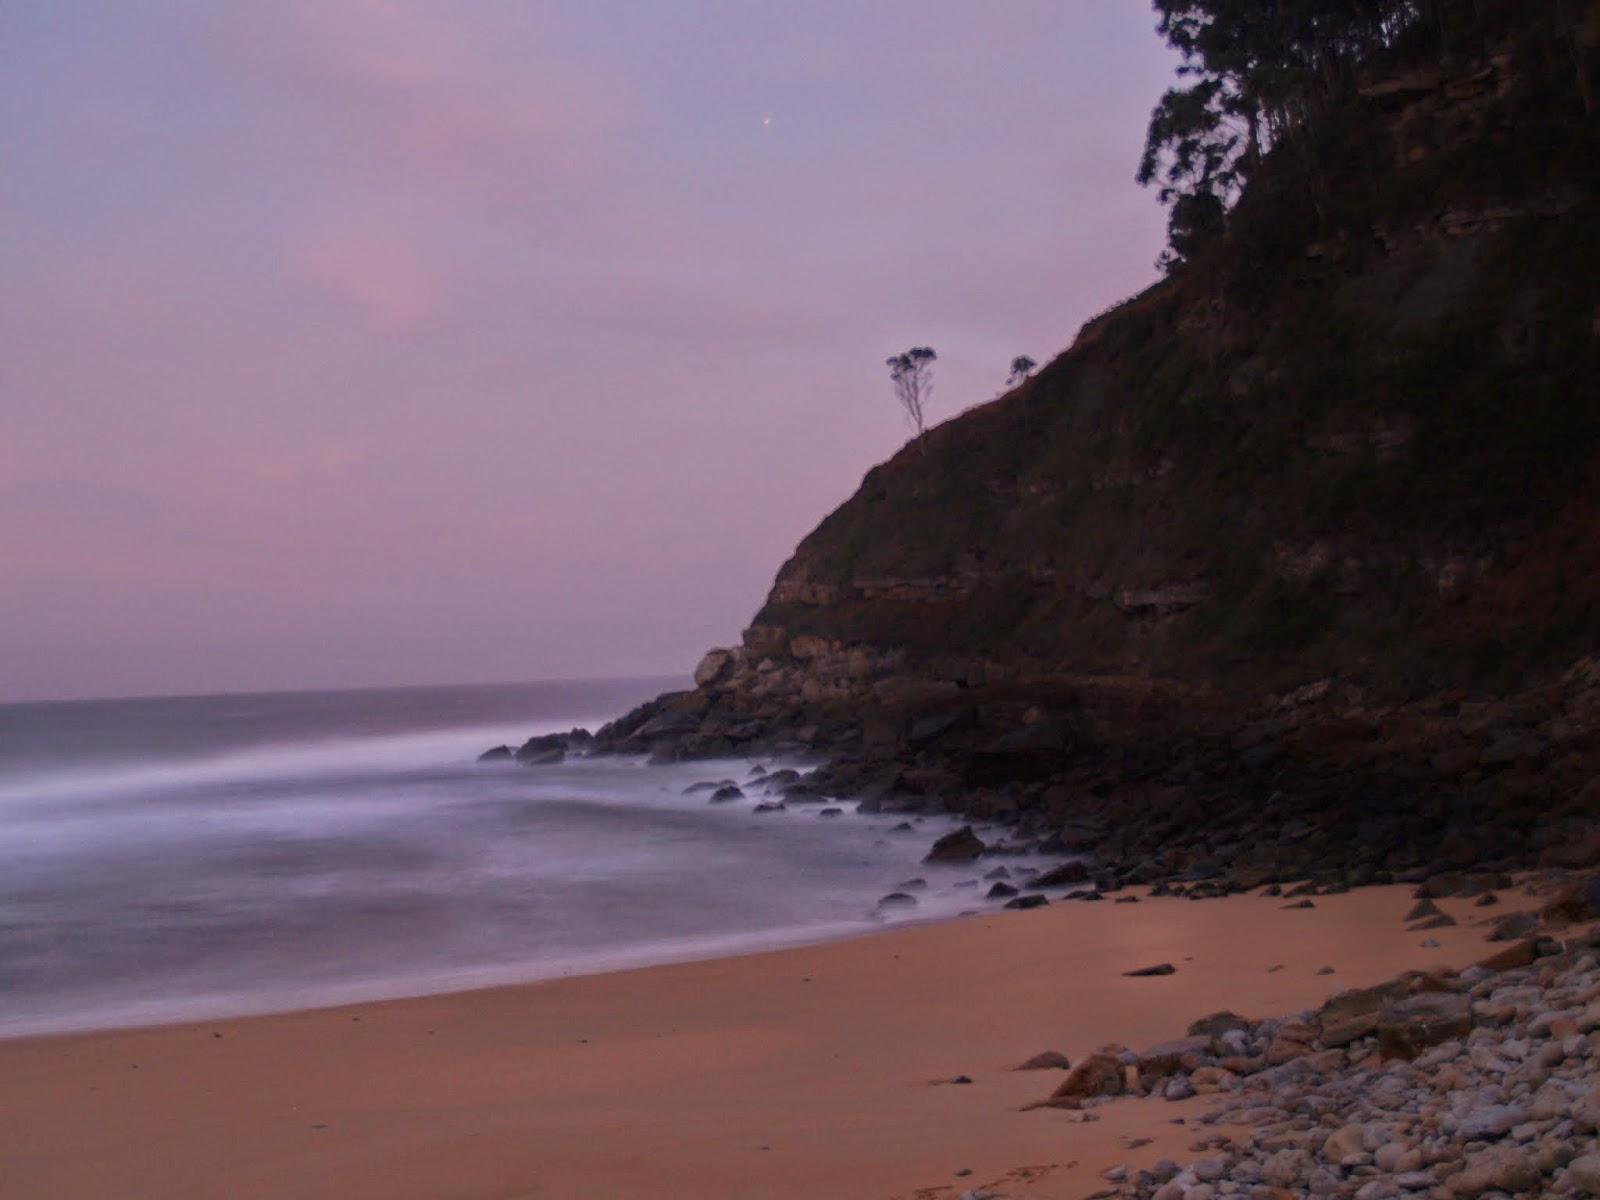 http://nochedemitos.blogspot.com.es/2015/01/album-de-fotos-podcast-9-la-playa-de.html